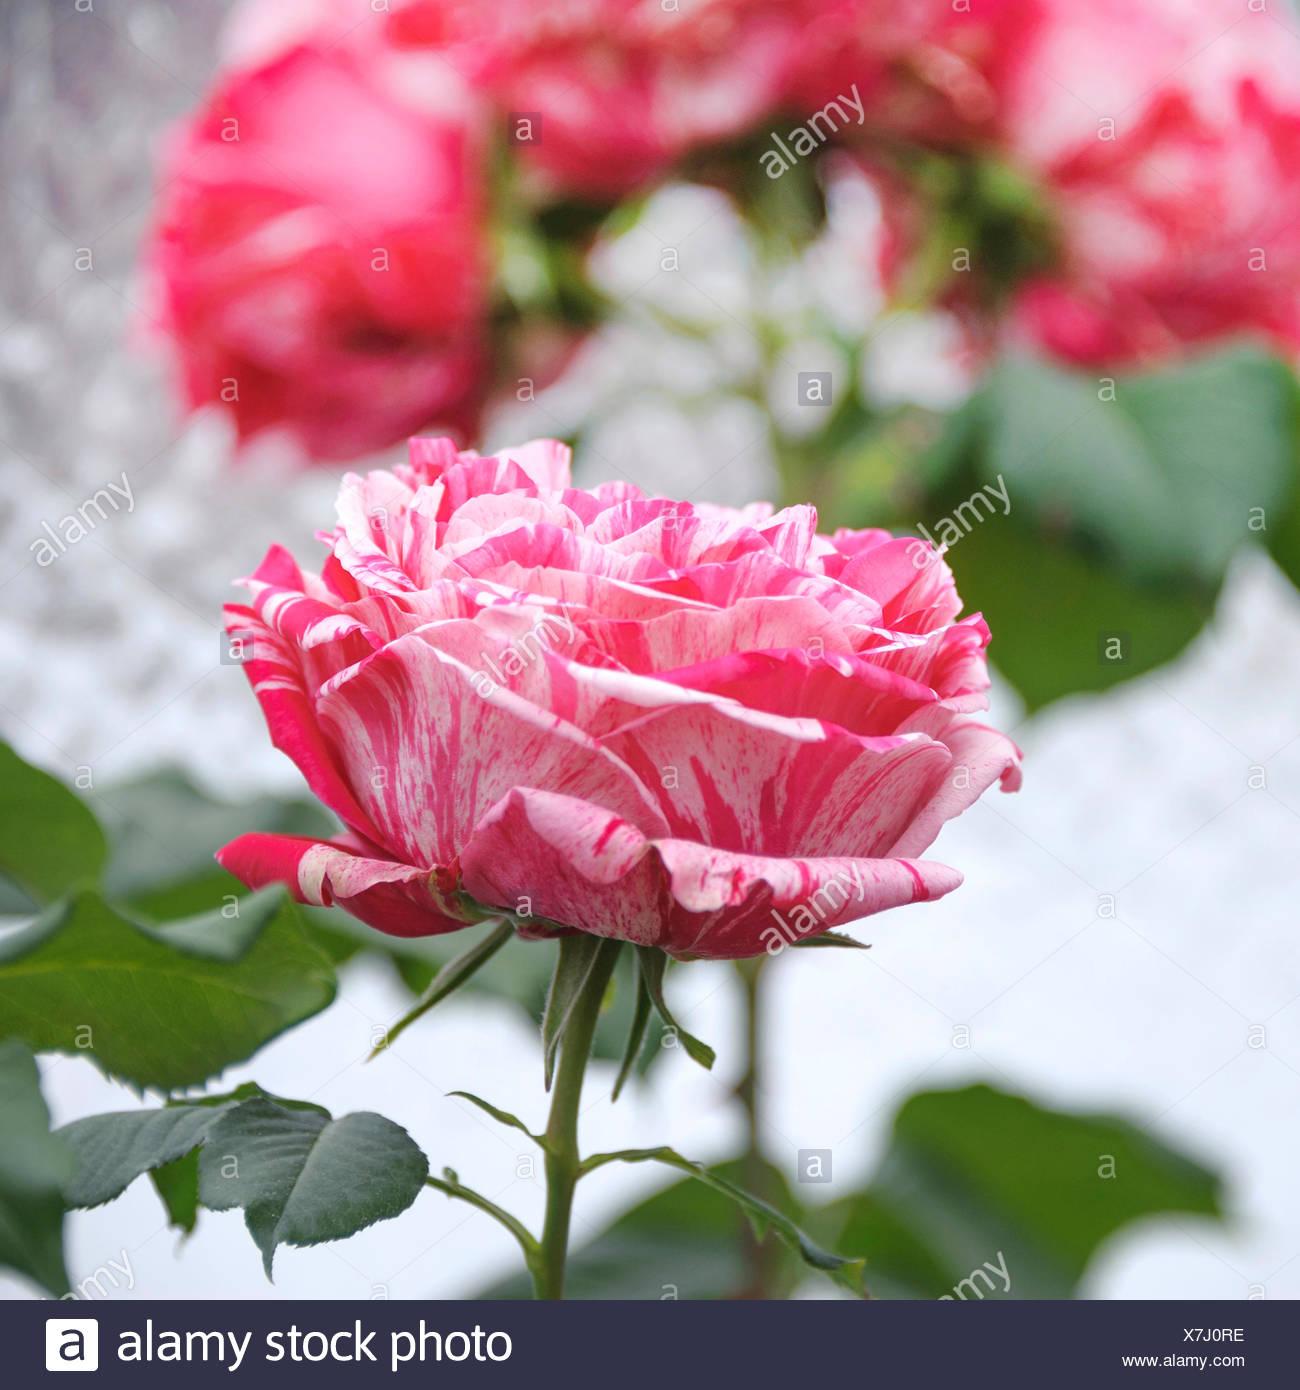 Nostalgie-Rose (Rosa 'Meilleure Impression'), le cultivar meilleure impression Photo Stock